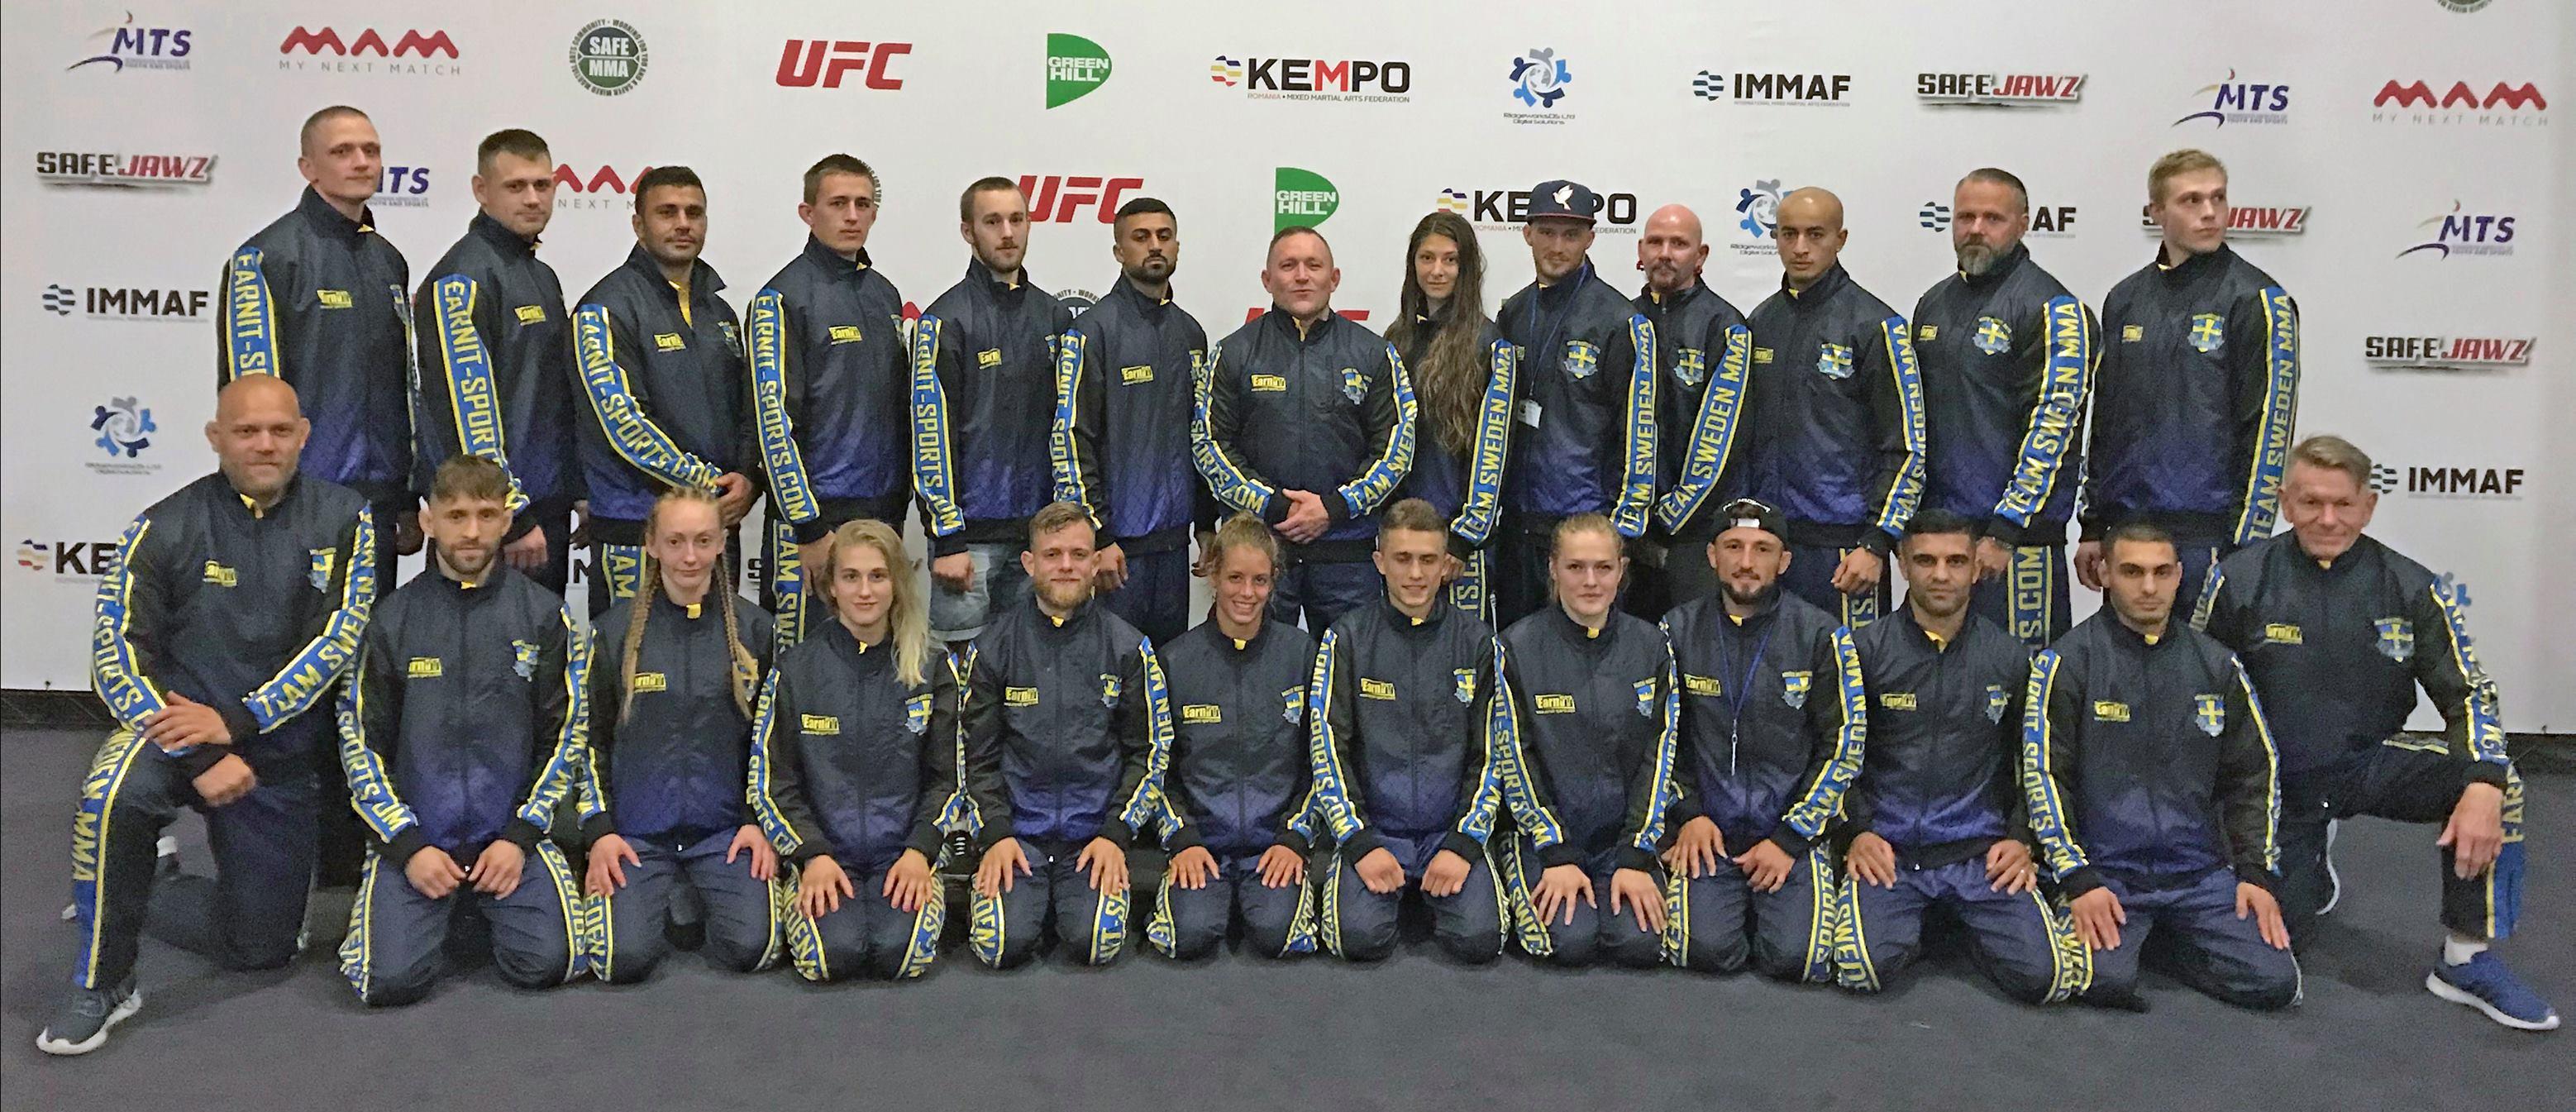 Visa ditt stöd för Svenska MMA-Landslaget och svensk MMA.